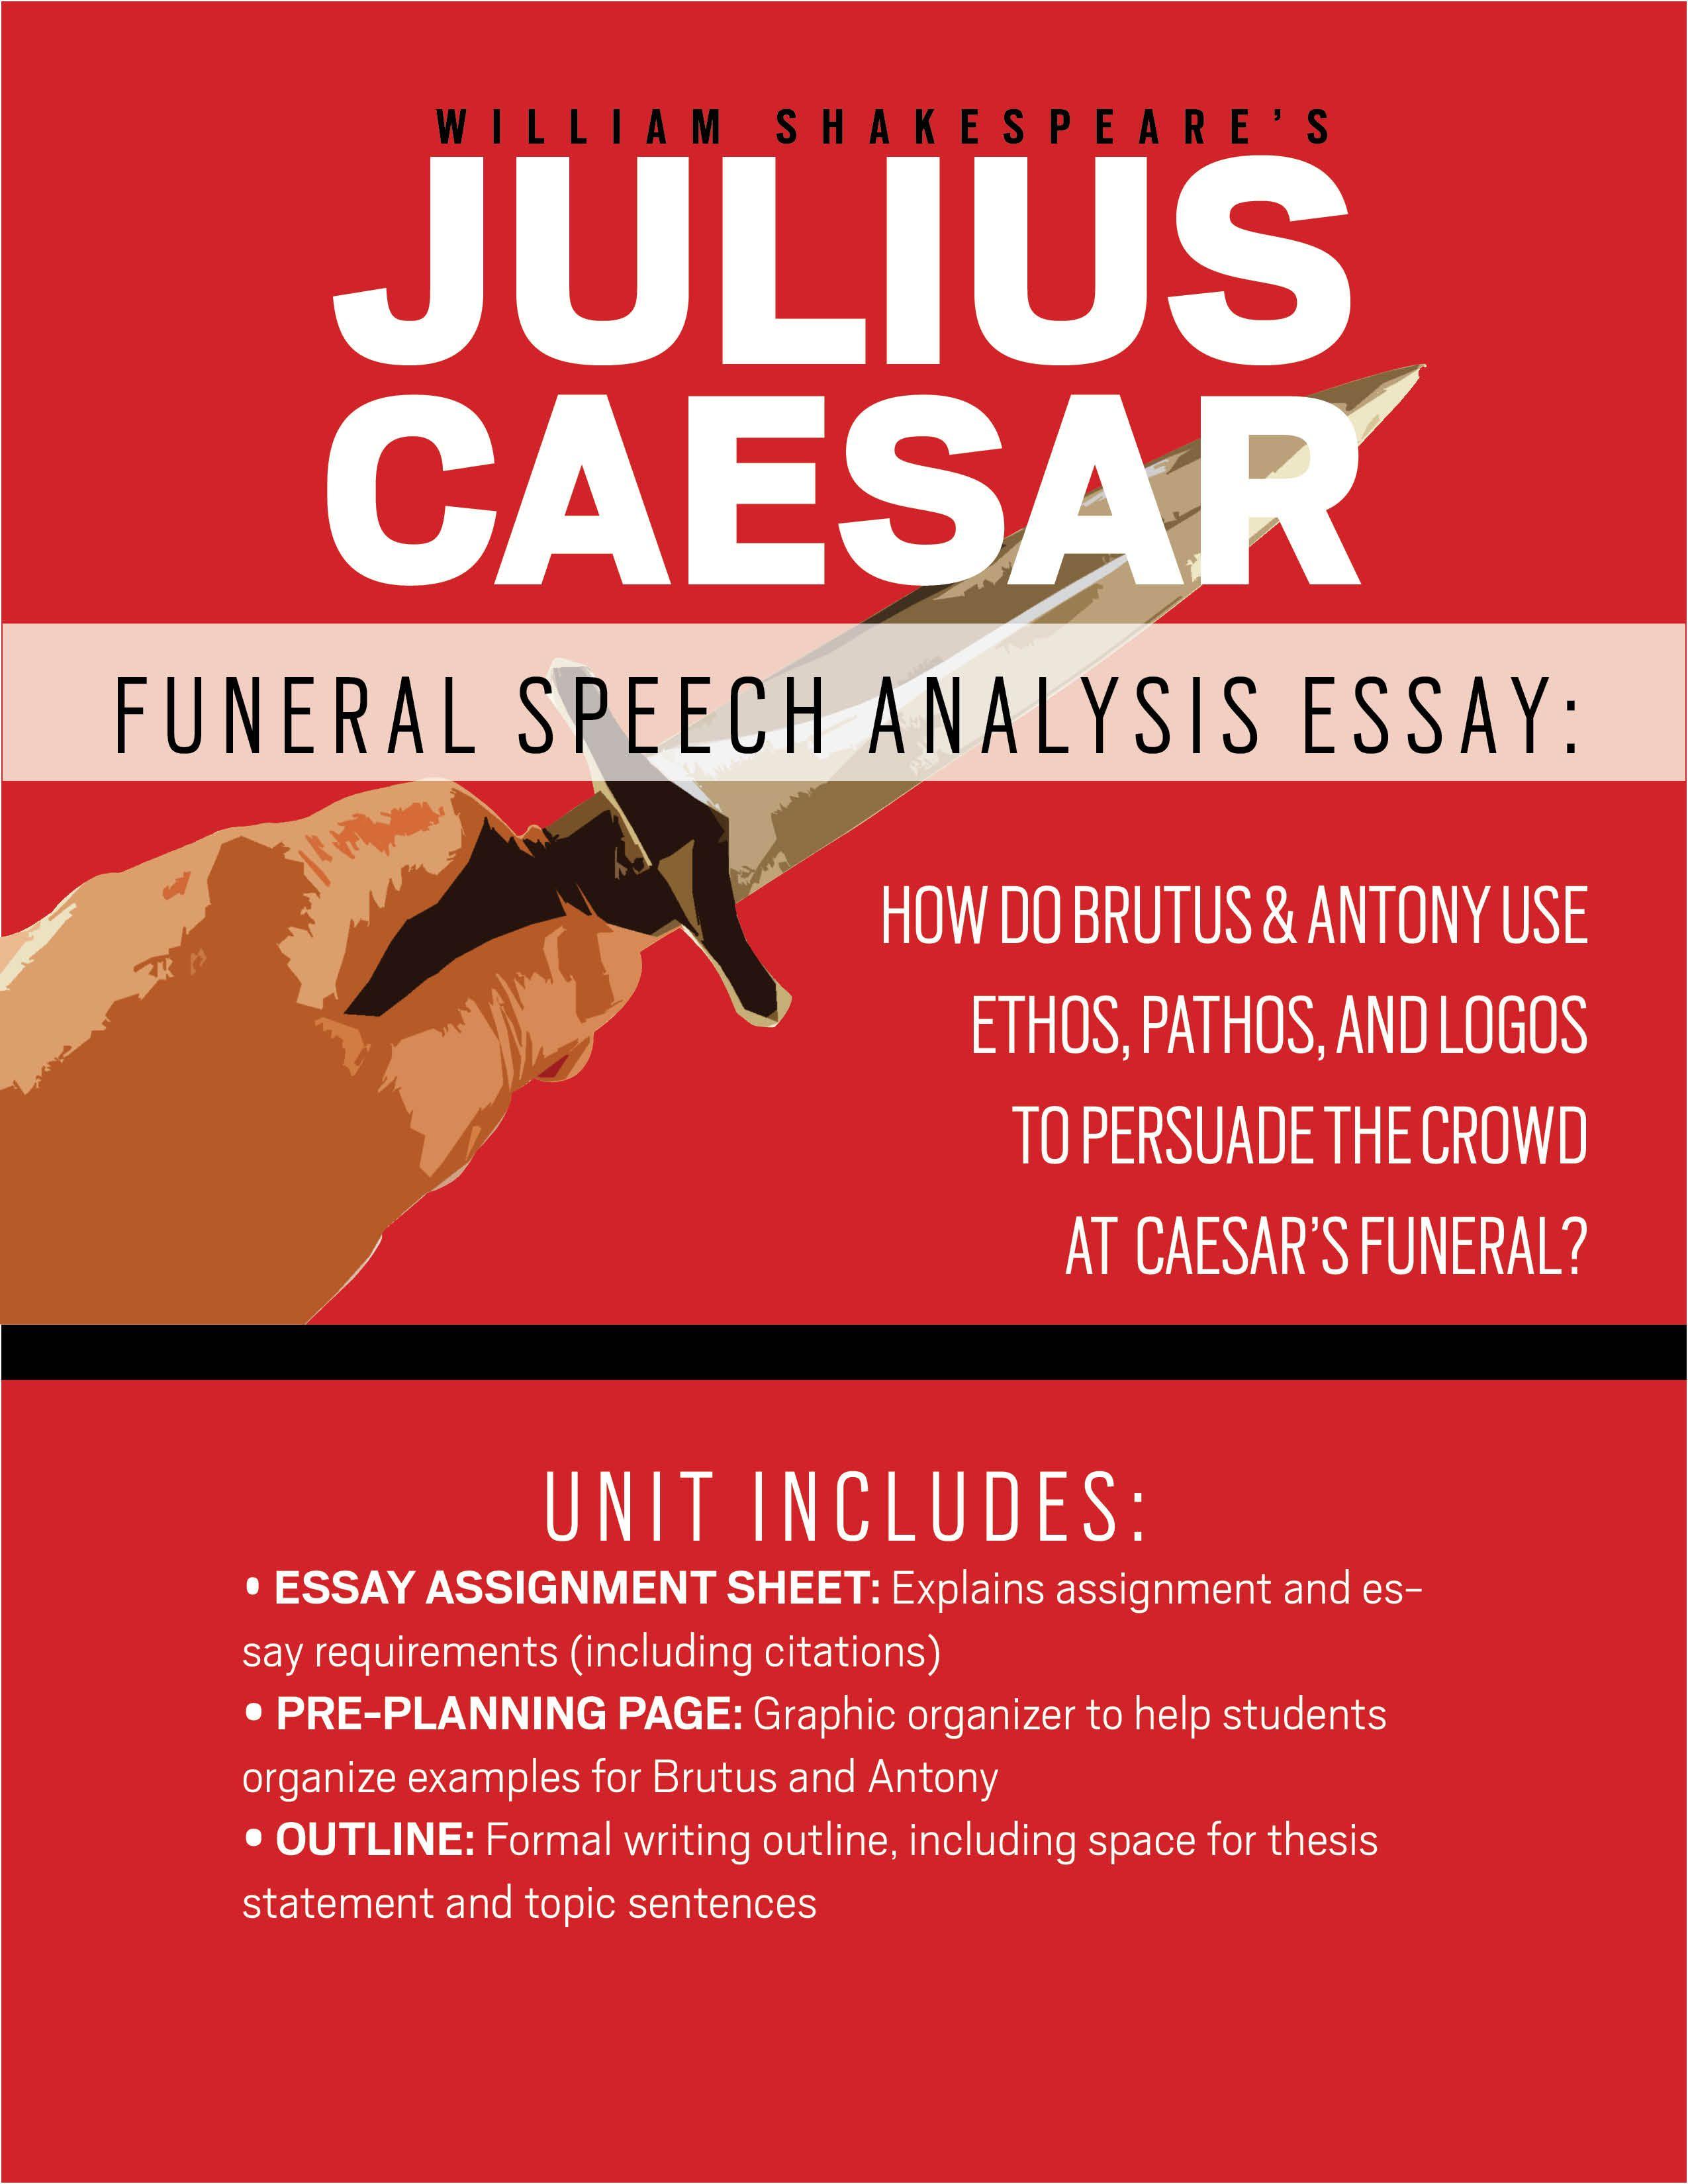 Julius Caesar Funeral Speech Essay